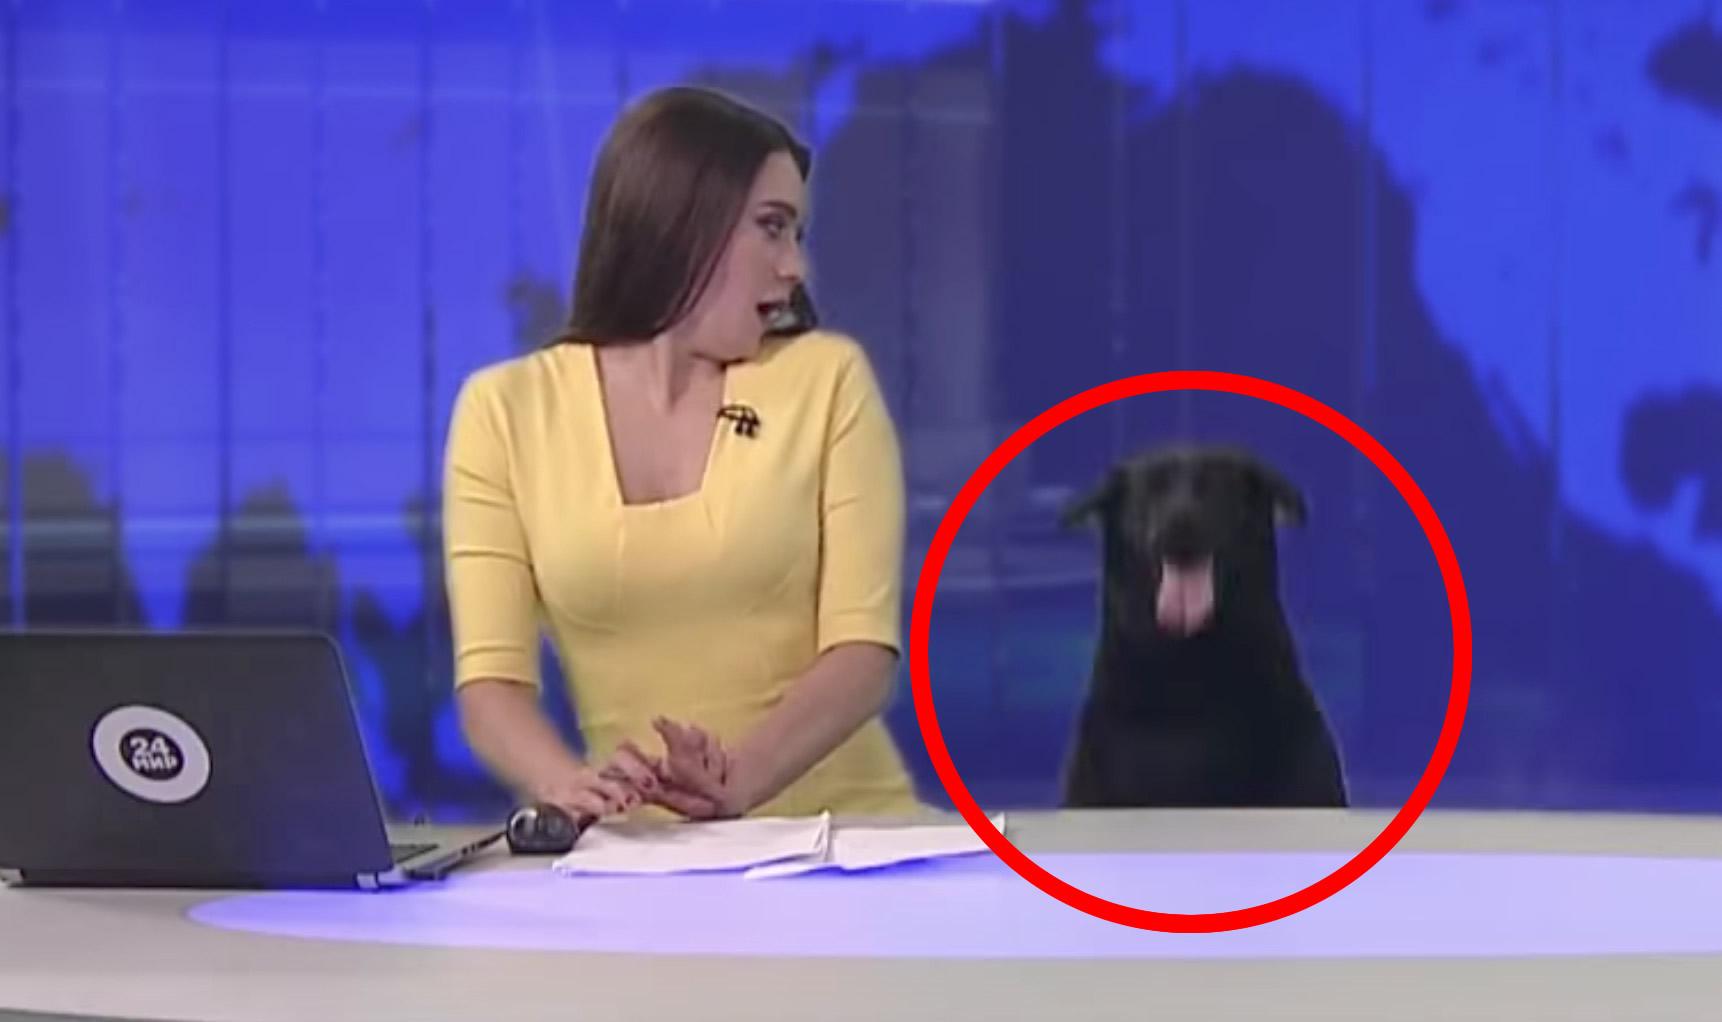 放送事故、、?真面目そうなニュースの途中でいきなり犬が!ニュースどころじゃない^ ^;